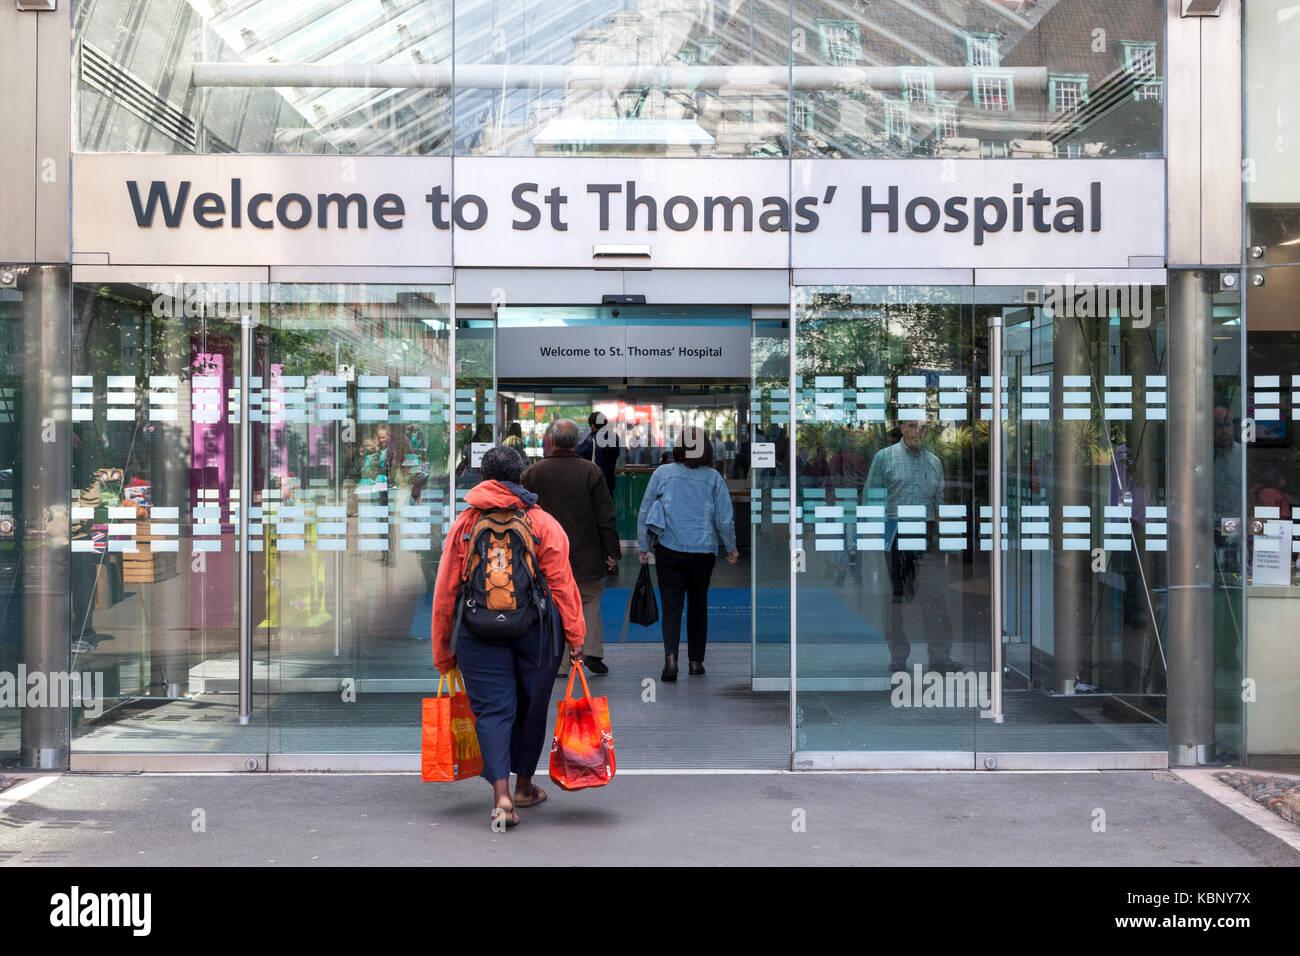 St Thomas' Hospital, London, England, UK - Stock Image